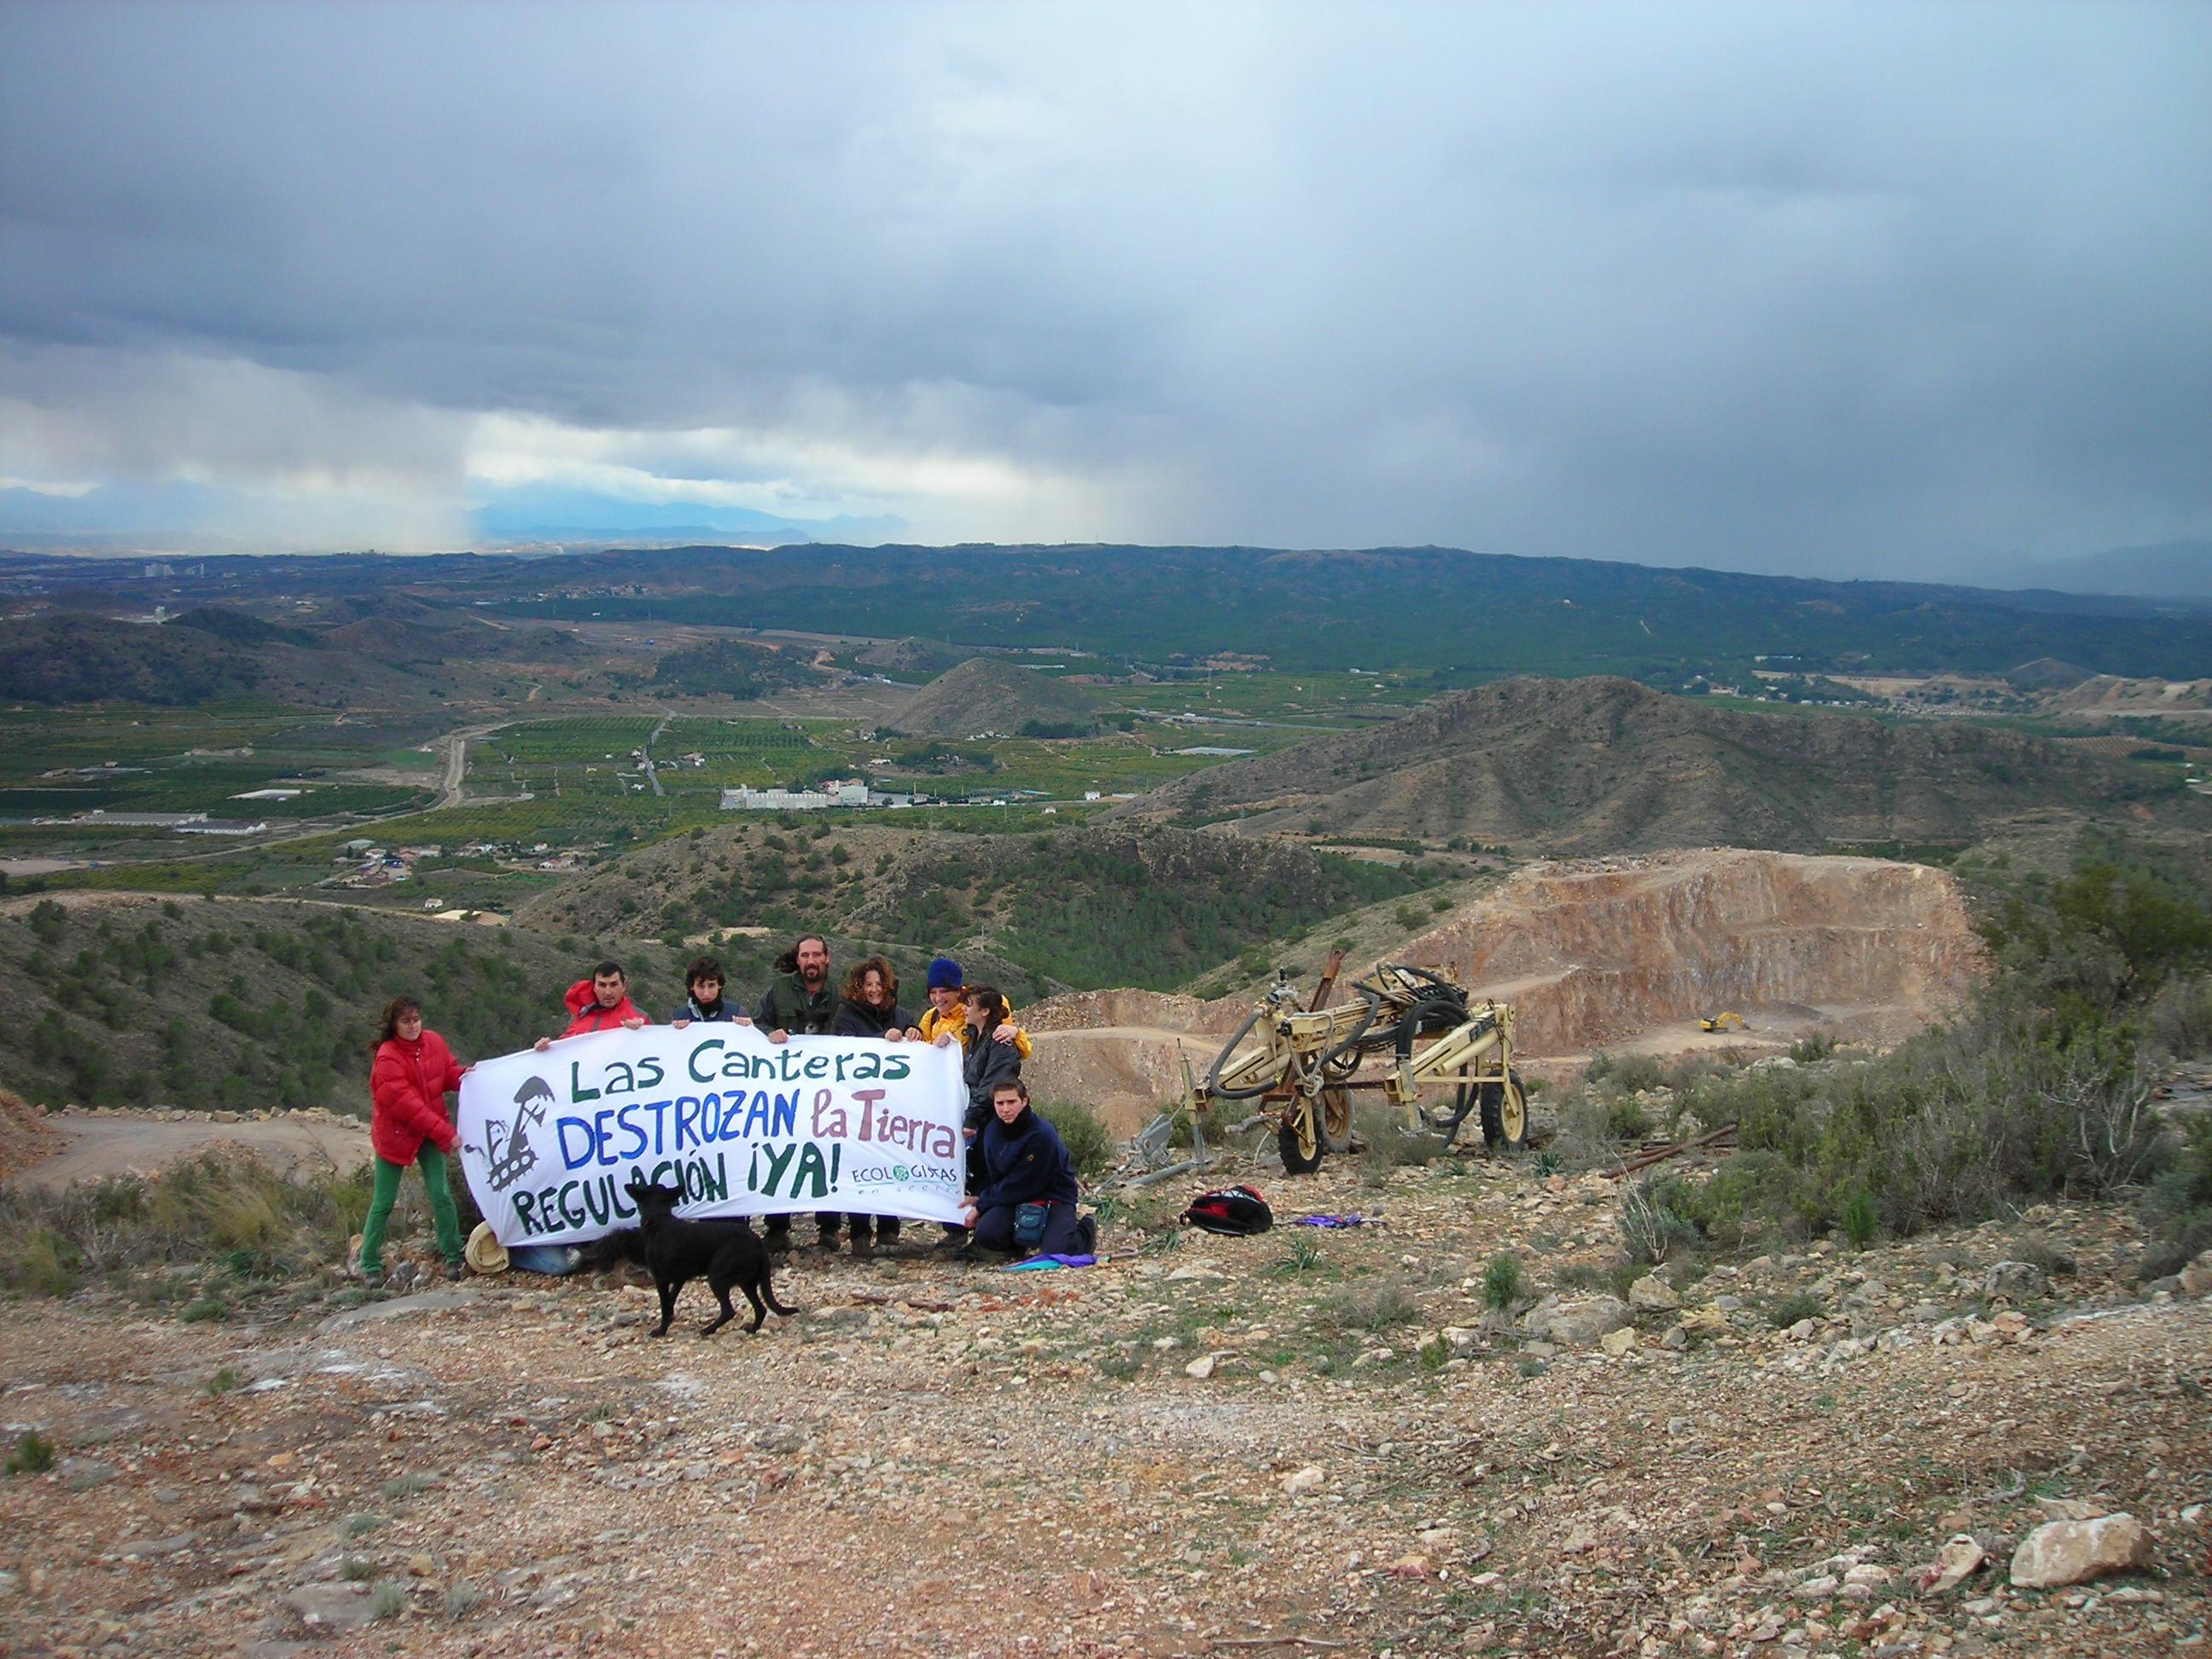 Una acción llevada a cabo por EEA solicitando el cierre de la cantera ilegal en 2008. Imagen: EEA